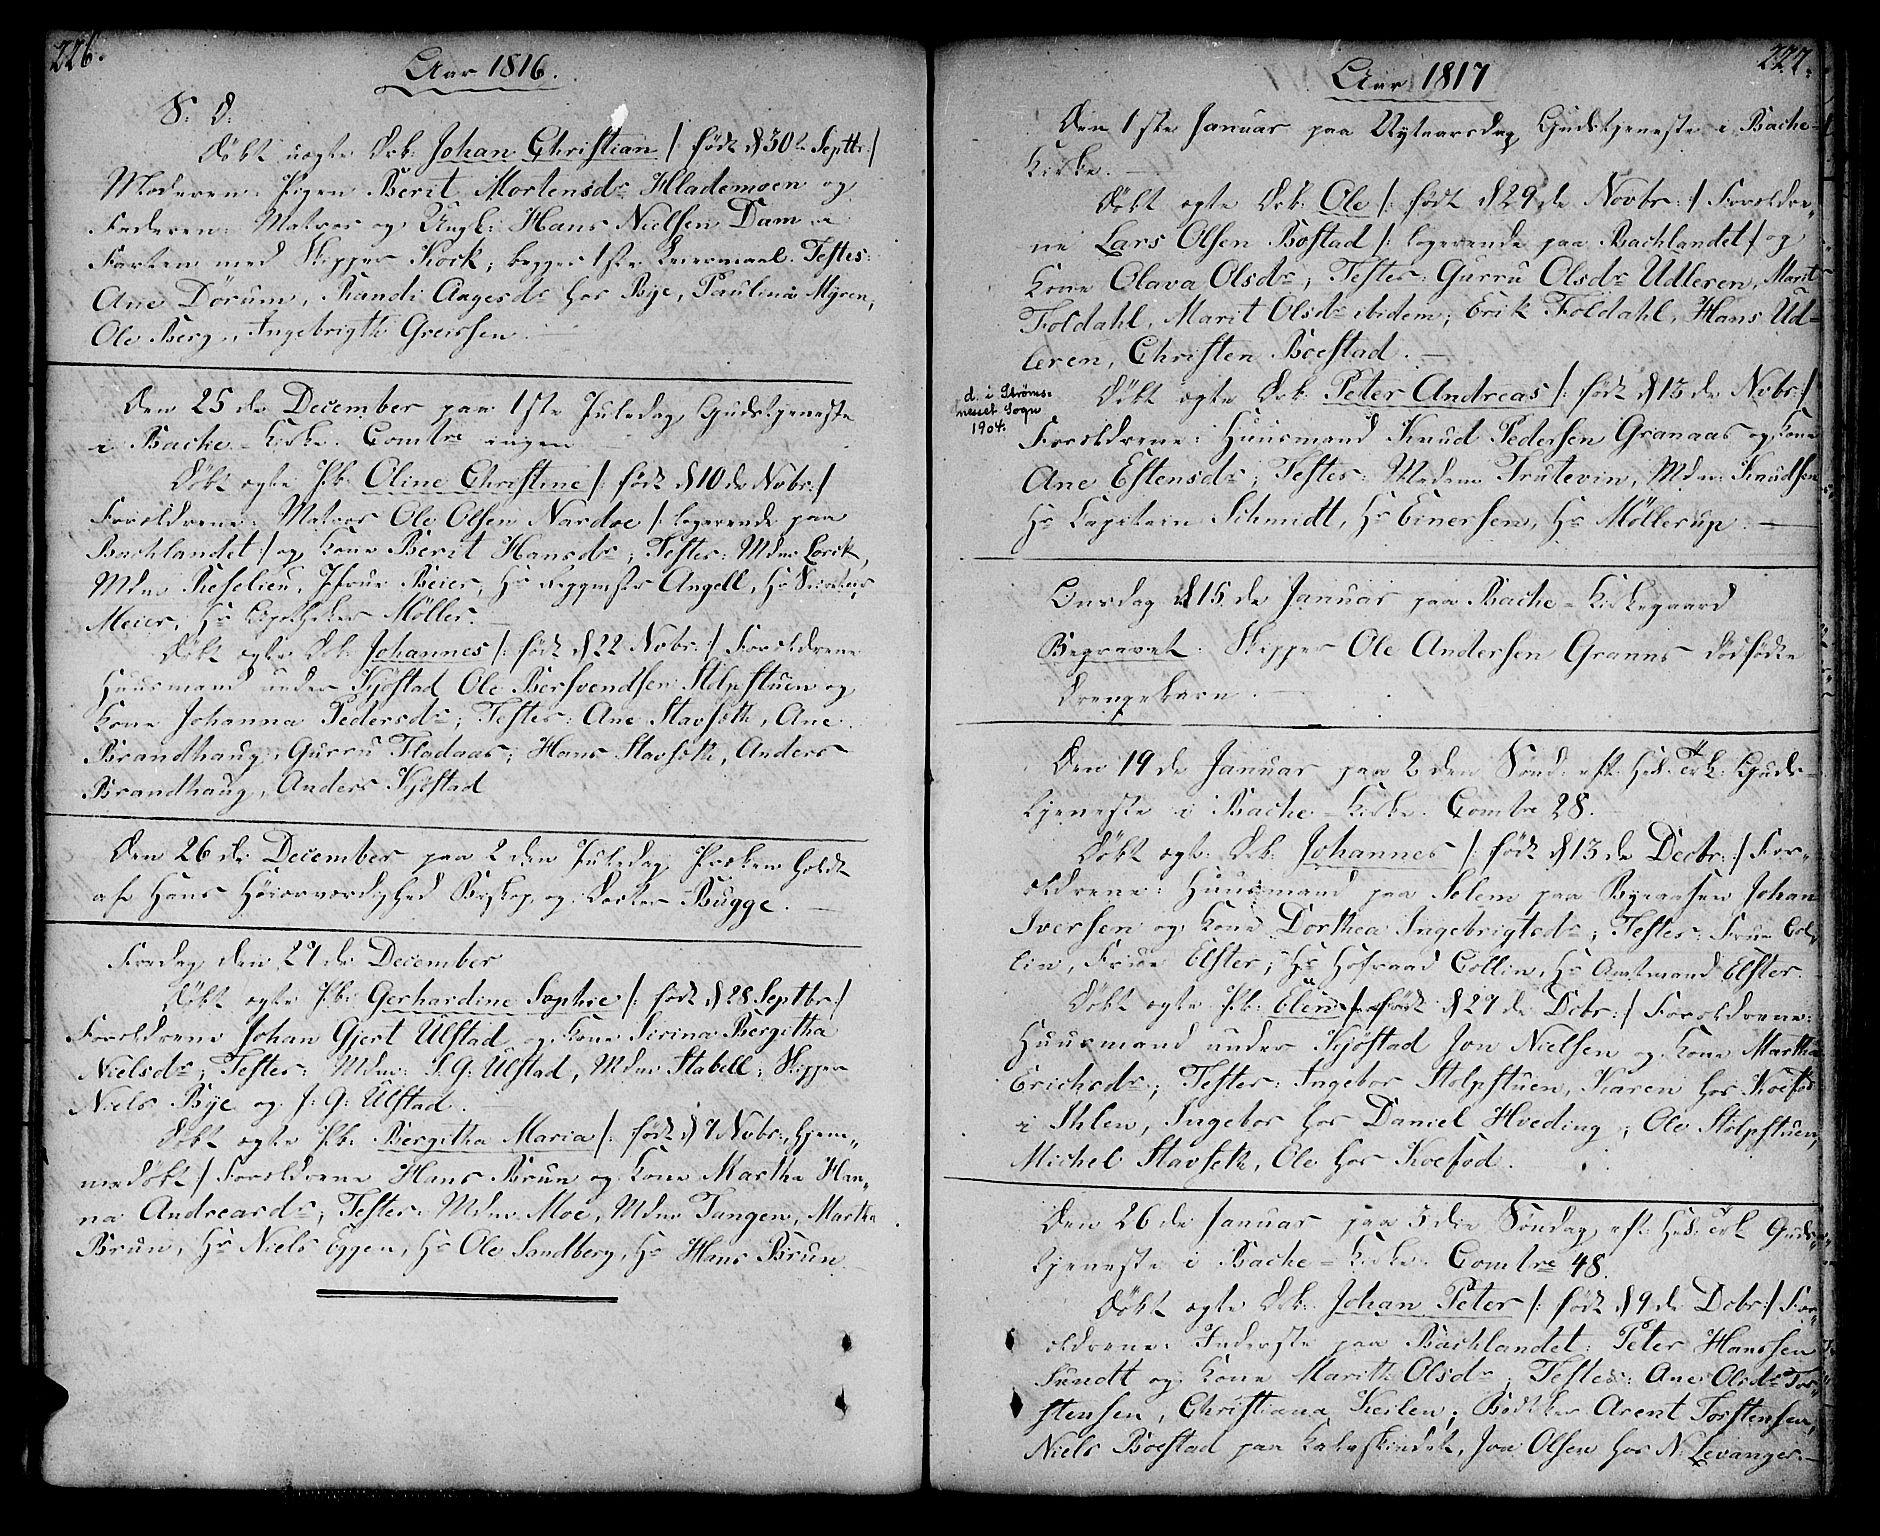 SAT, Ministerialprotokoller, klokkerbøker og fødselsregistre - Sør-Trøndelag, 604/L0181: Ministerialbok nr. 604A02, 1798-1817, s. 226-227